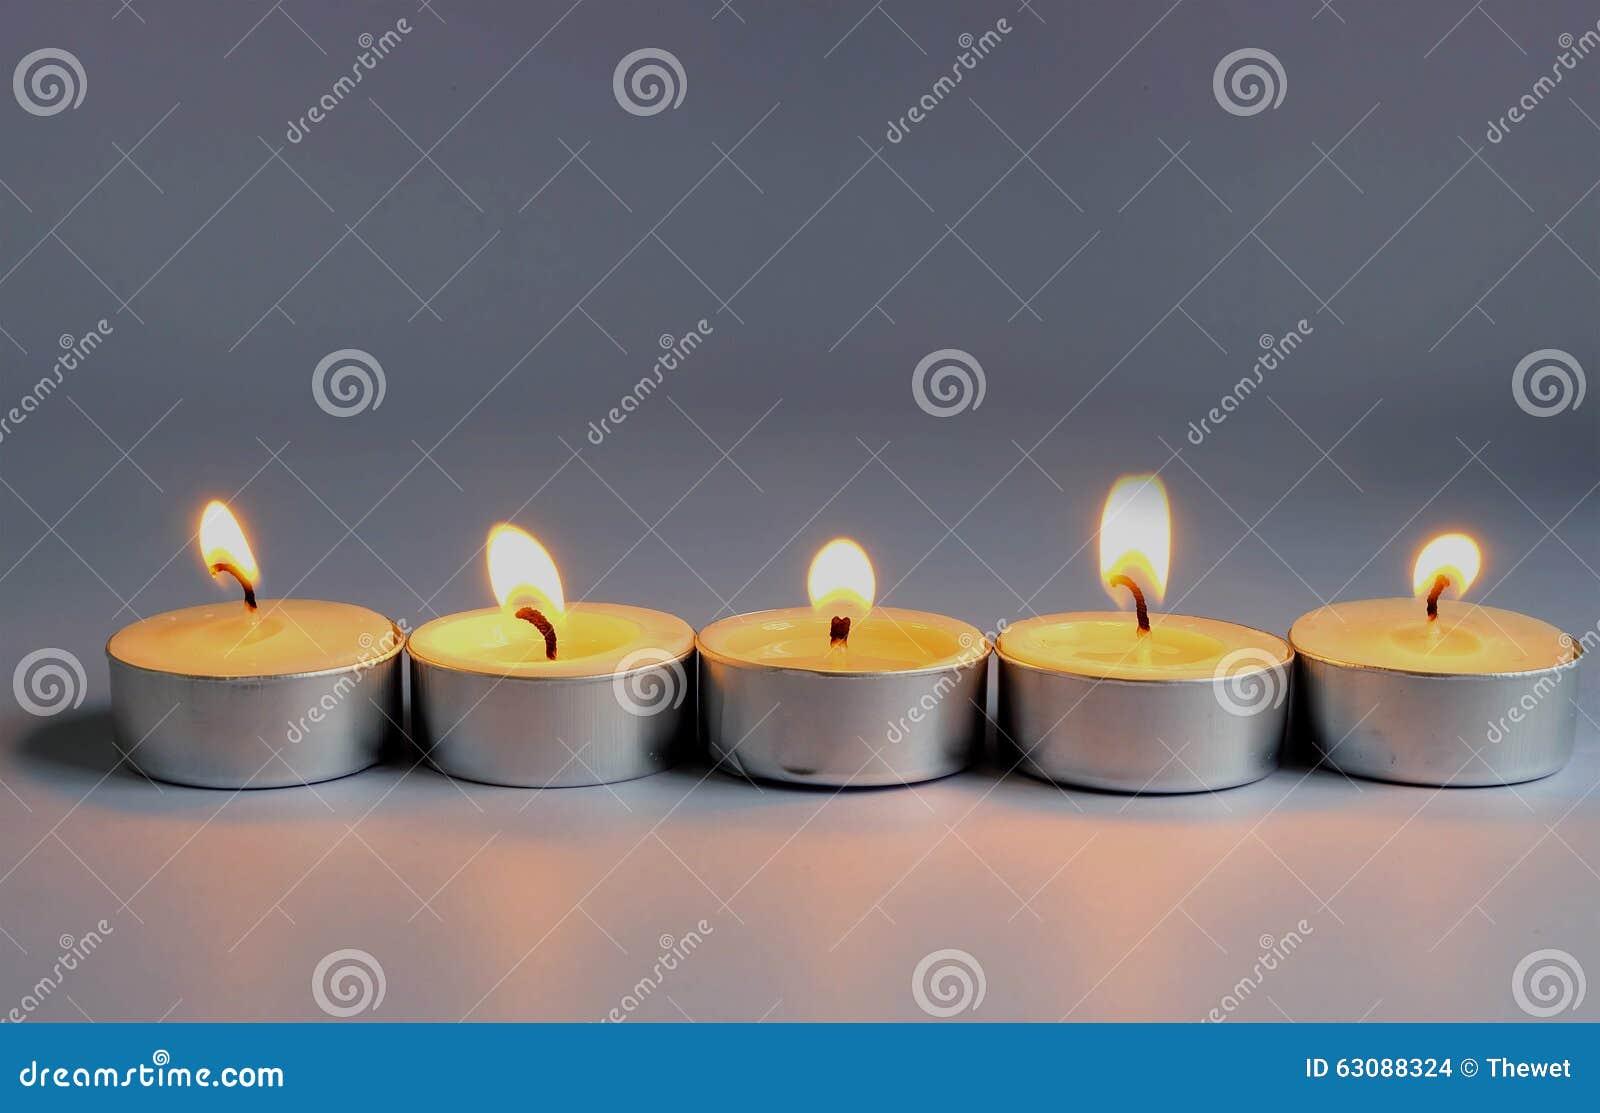 Download Flamme De Bougie Sur Le Fond Gris Photo stock - Image du paix, lumière: 63088324